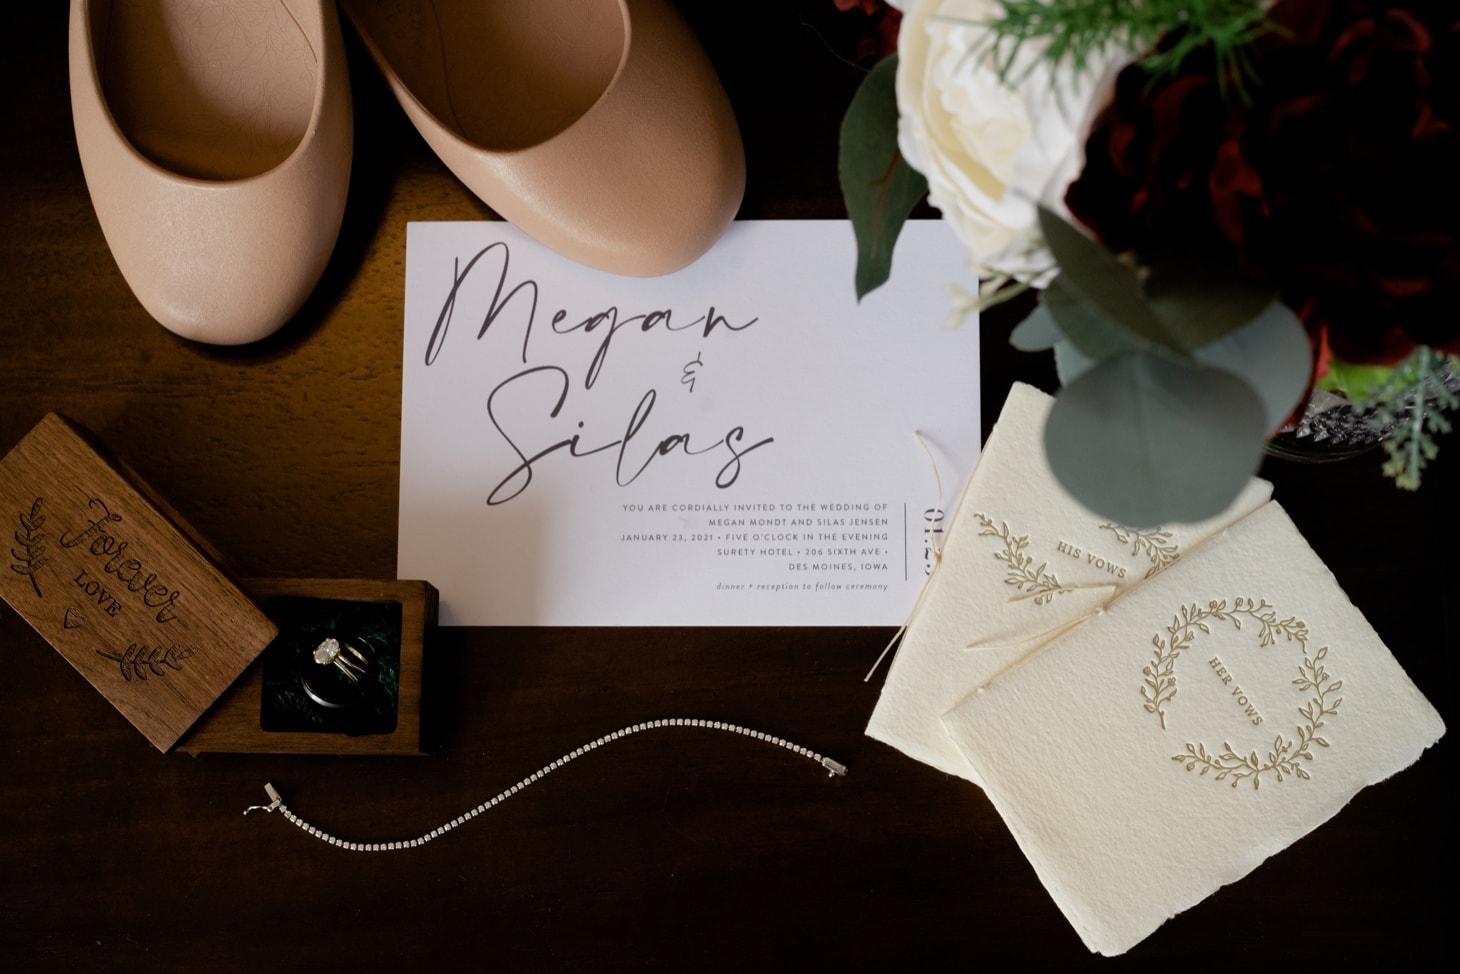 Surety Hotel wedding details